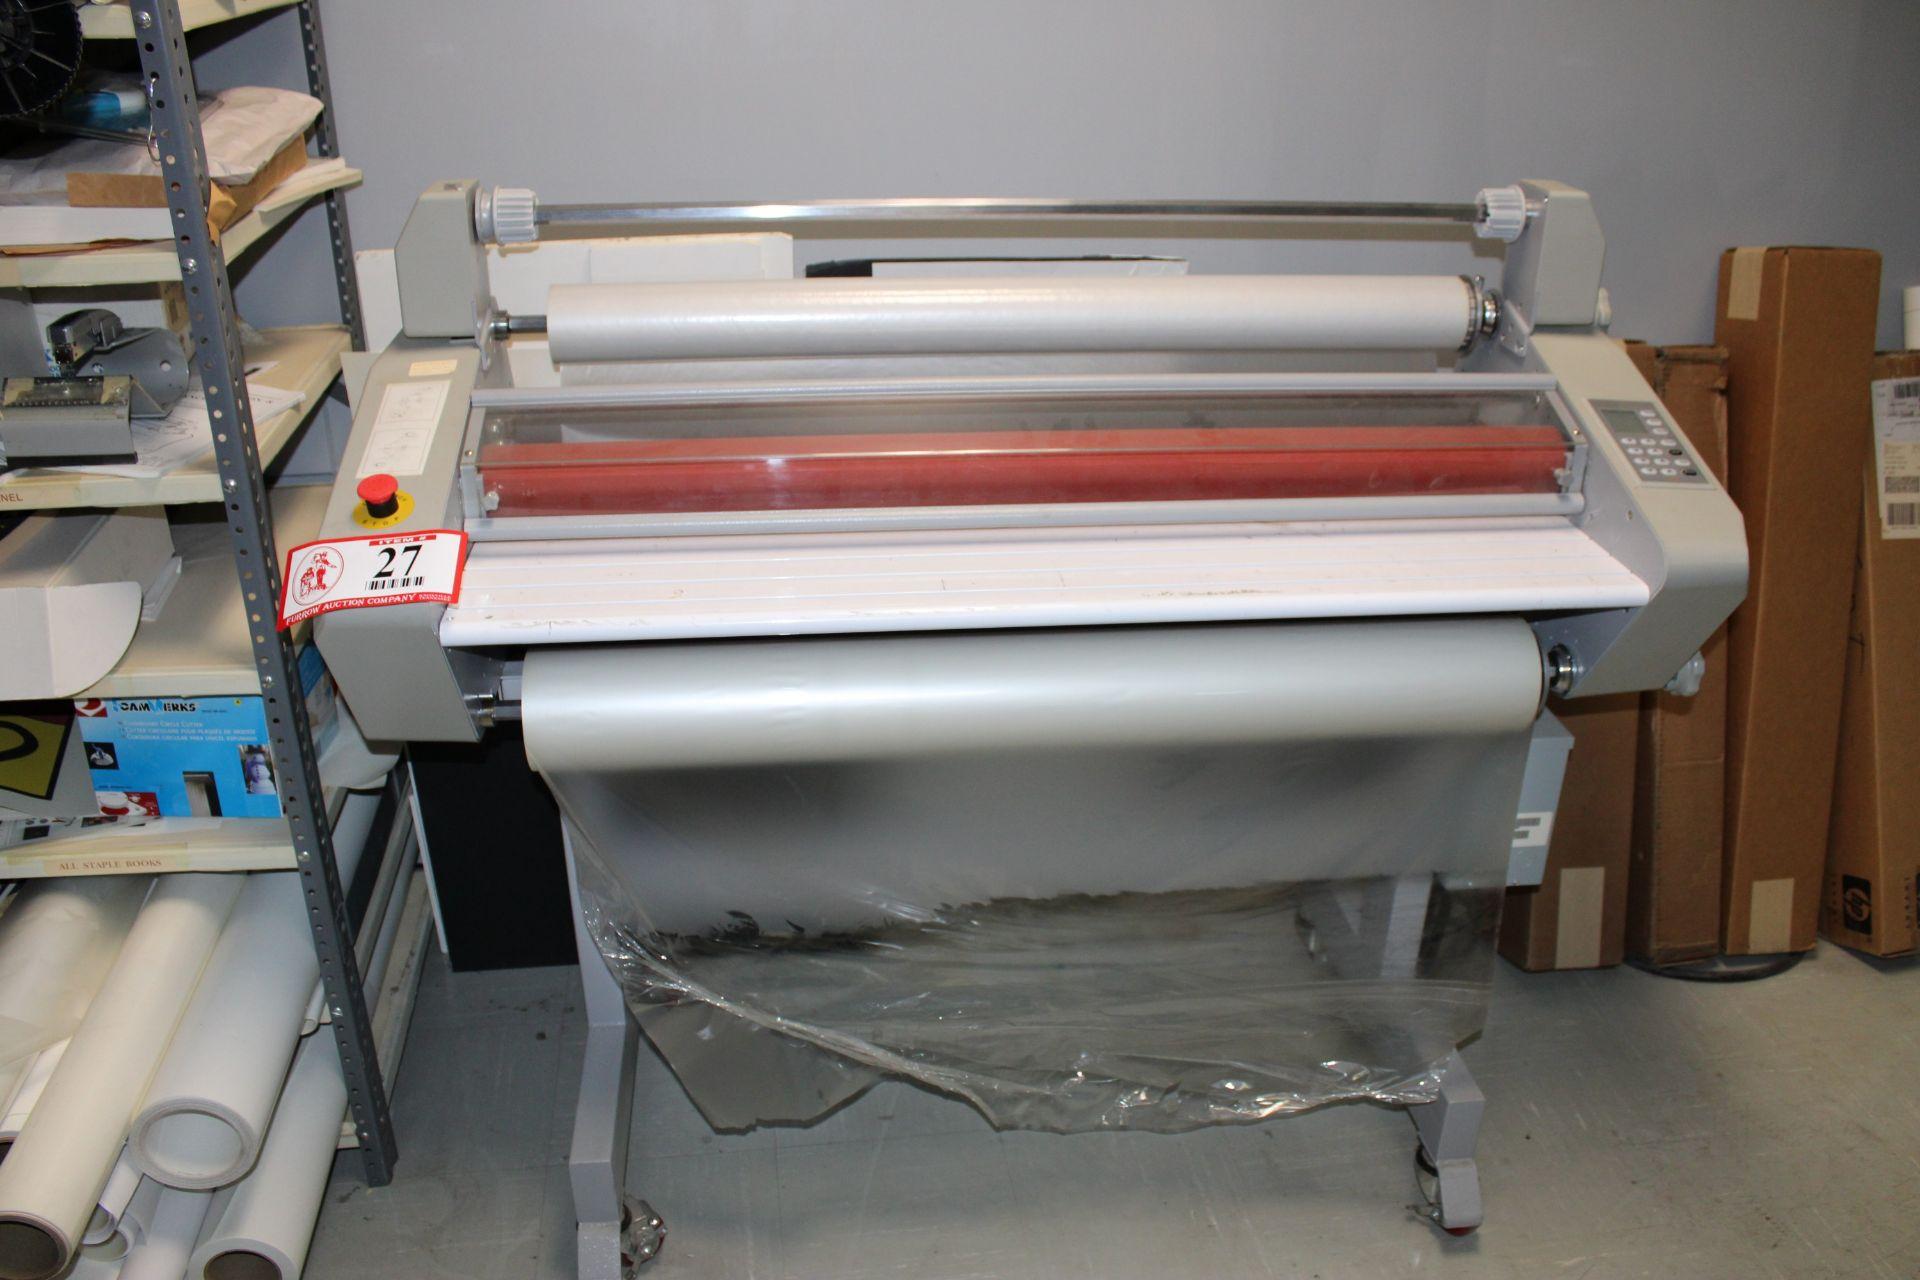 Lot 27 - GBC Titan 110 Wide Format Laminator